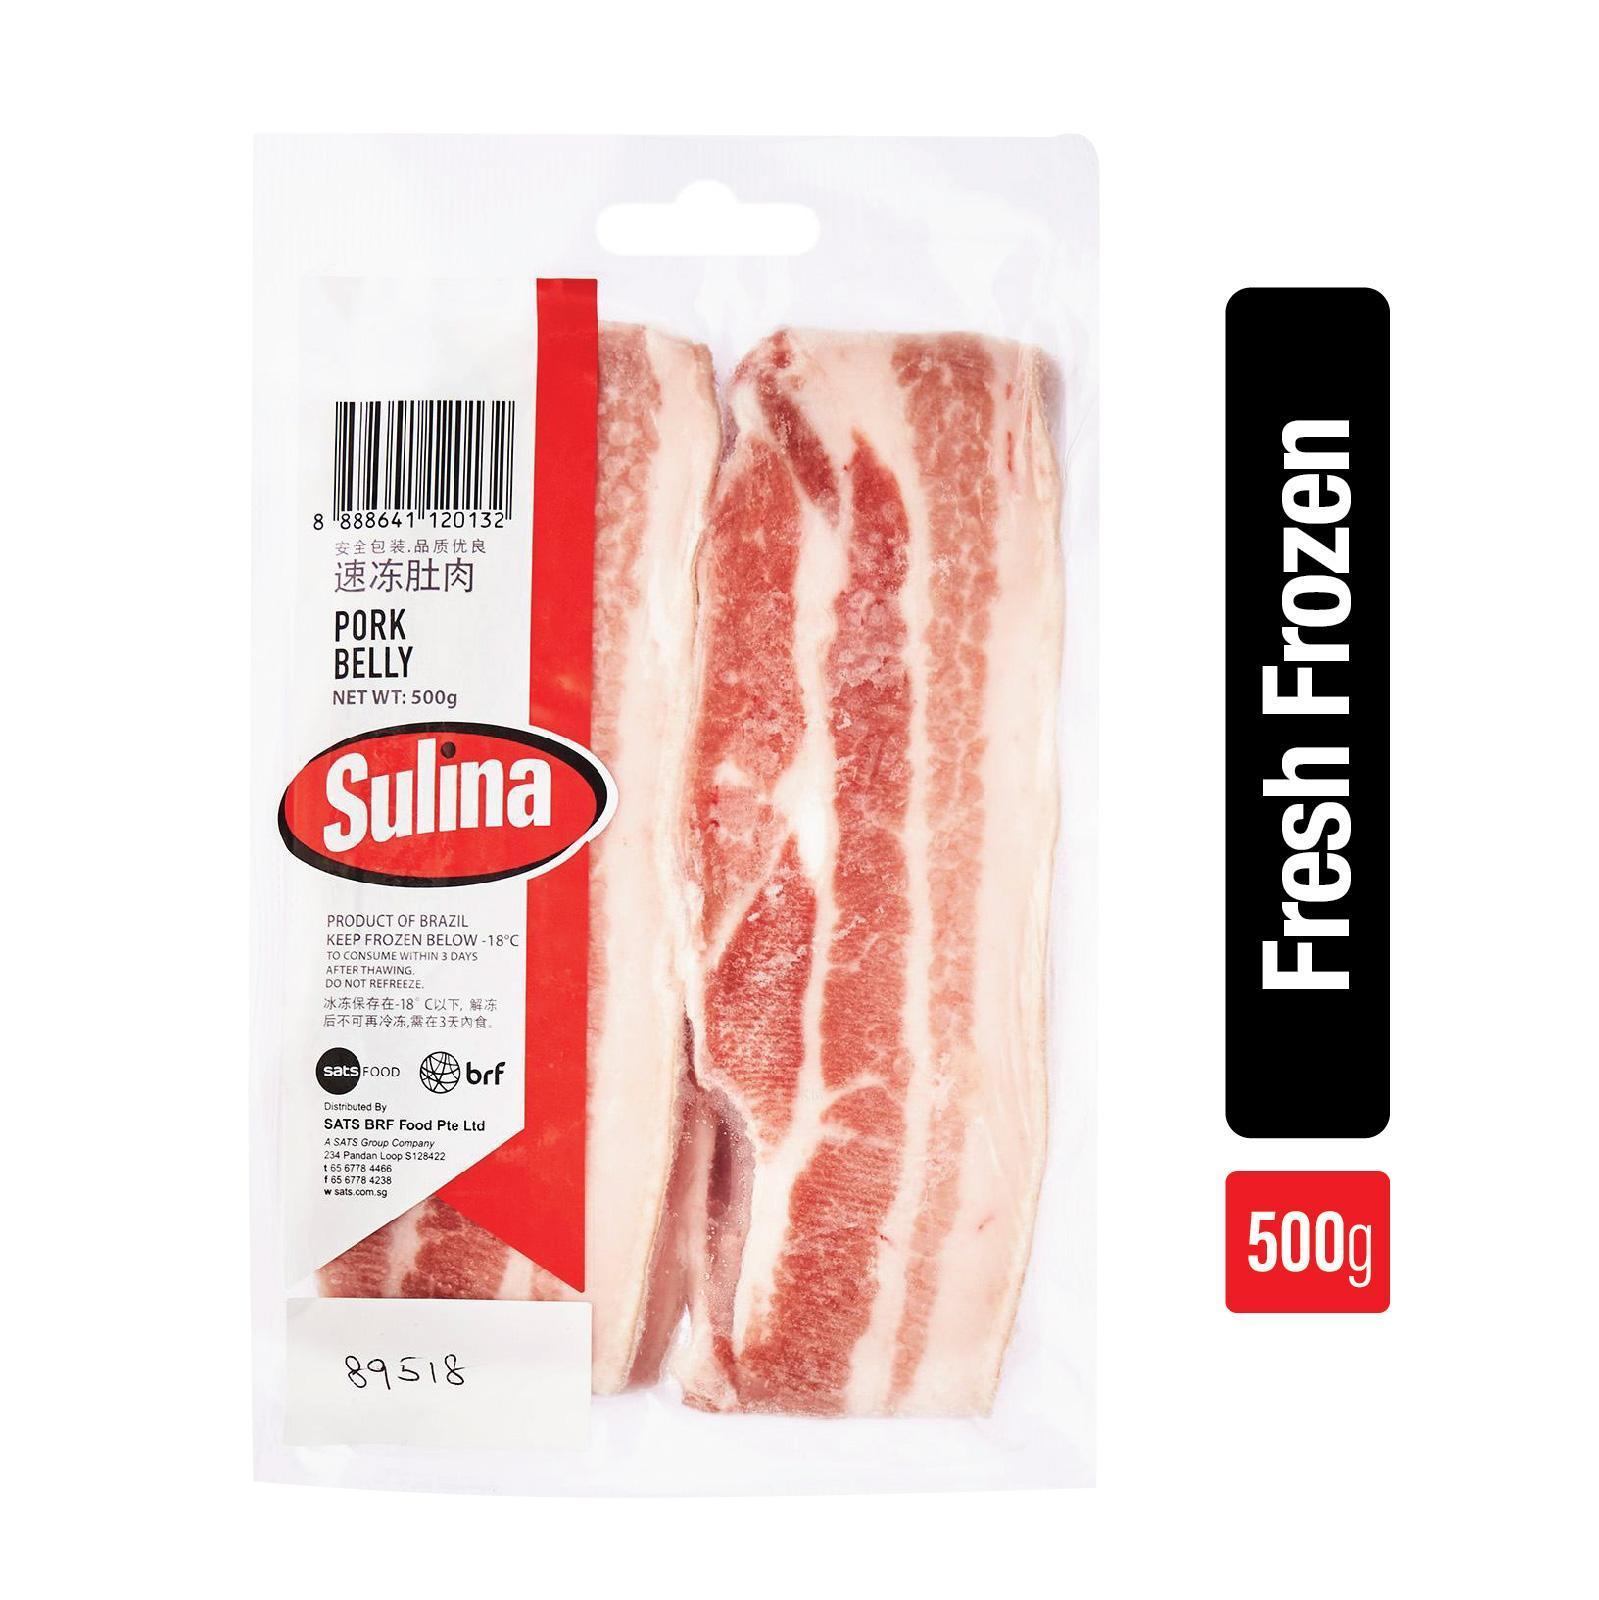 Sulina Pork Belly - Frozen